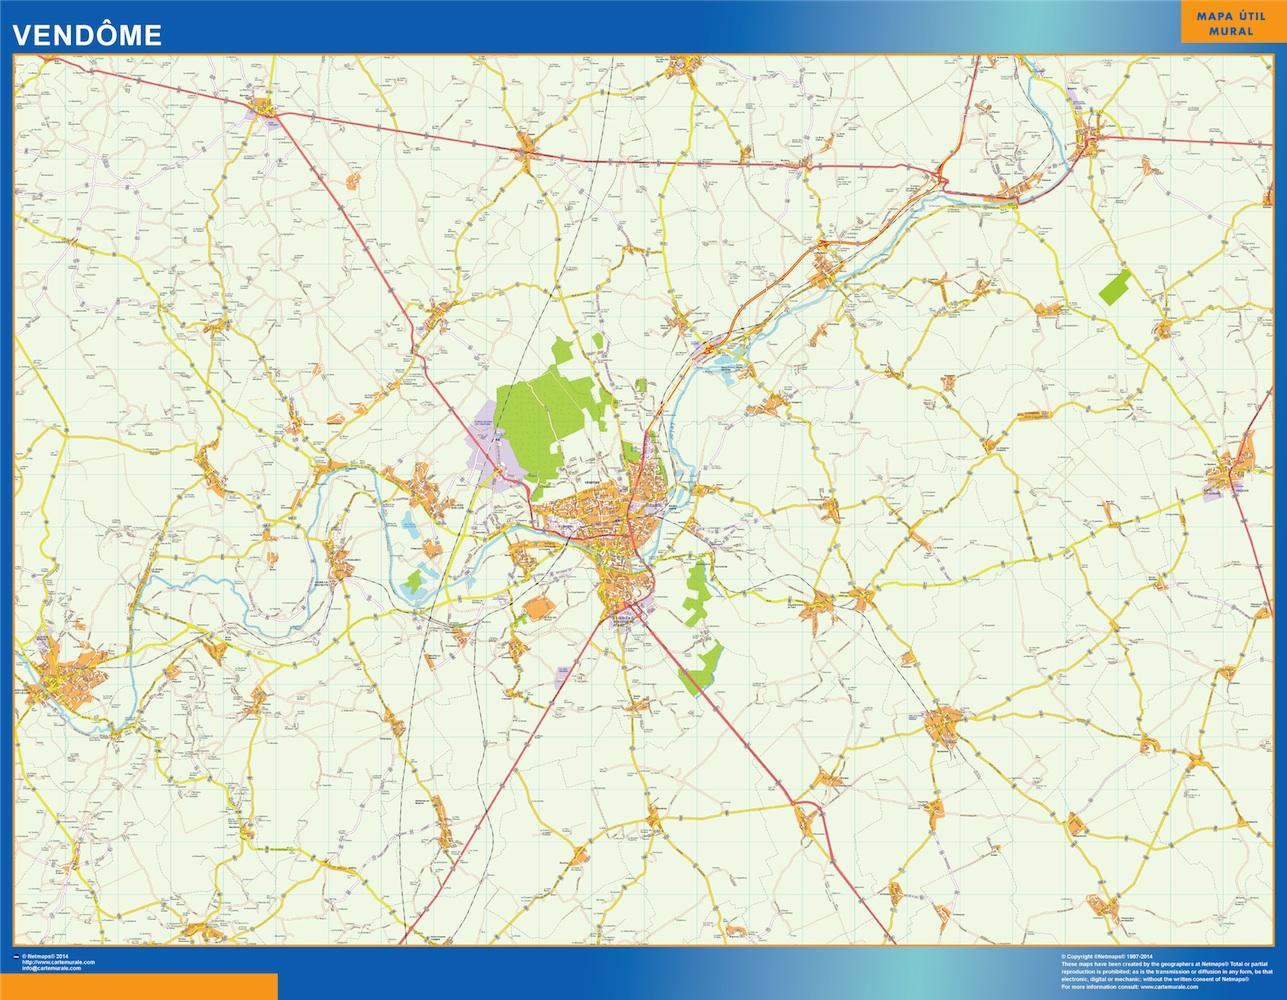 Mapa Vendome en Francia plastificado gigante